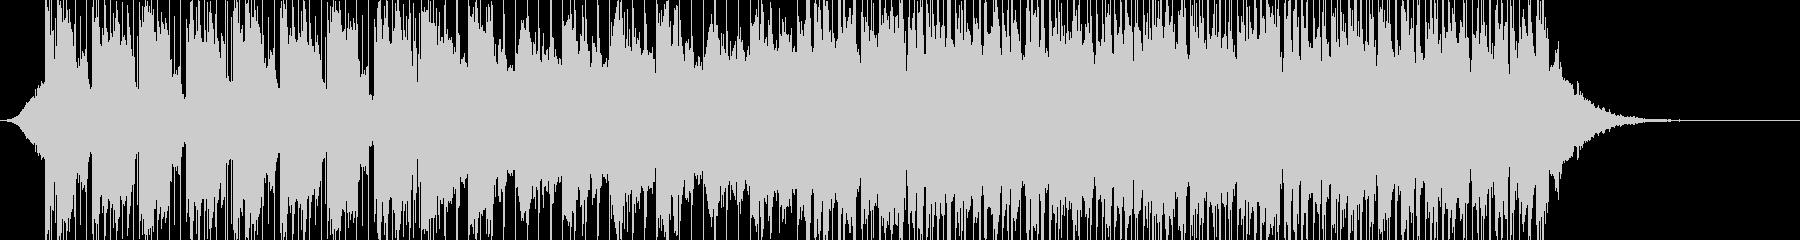 切ないメロディのポップスの未再生の波形